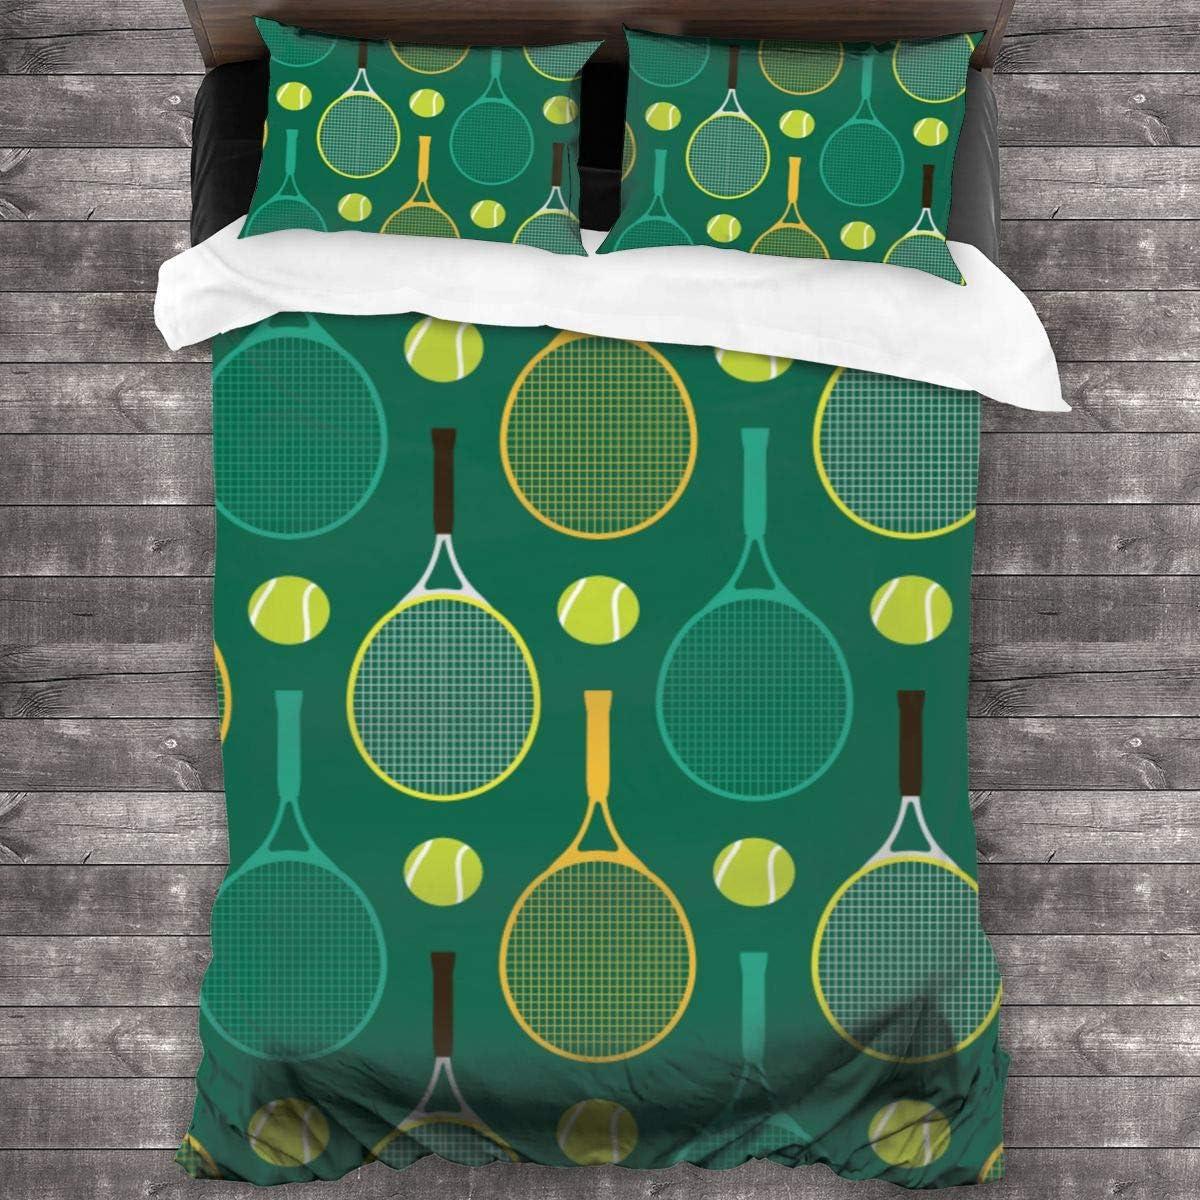 MAYUES 3 Piezas Juego Funda De Diseño Personalizado,Raqueta De Tenis De Dibujos Animados Tenis,Ropa de Cama Set 1 Edredón 2 Fundas de Almohada Microfibra jueg(135 * 210cm)